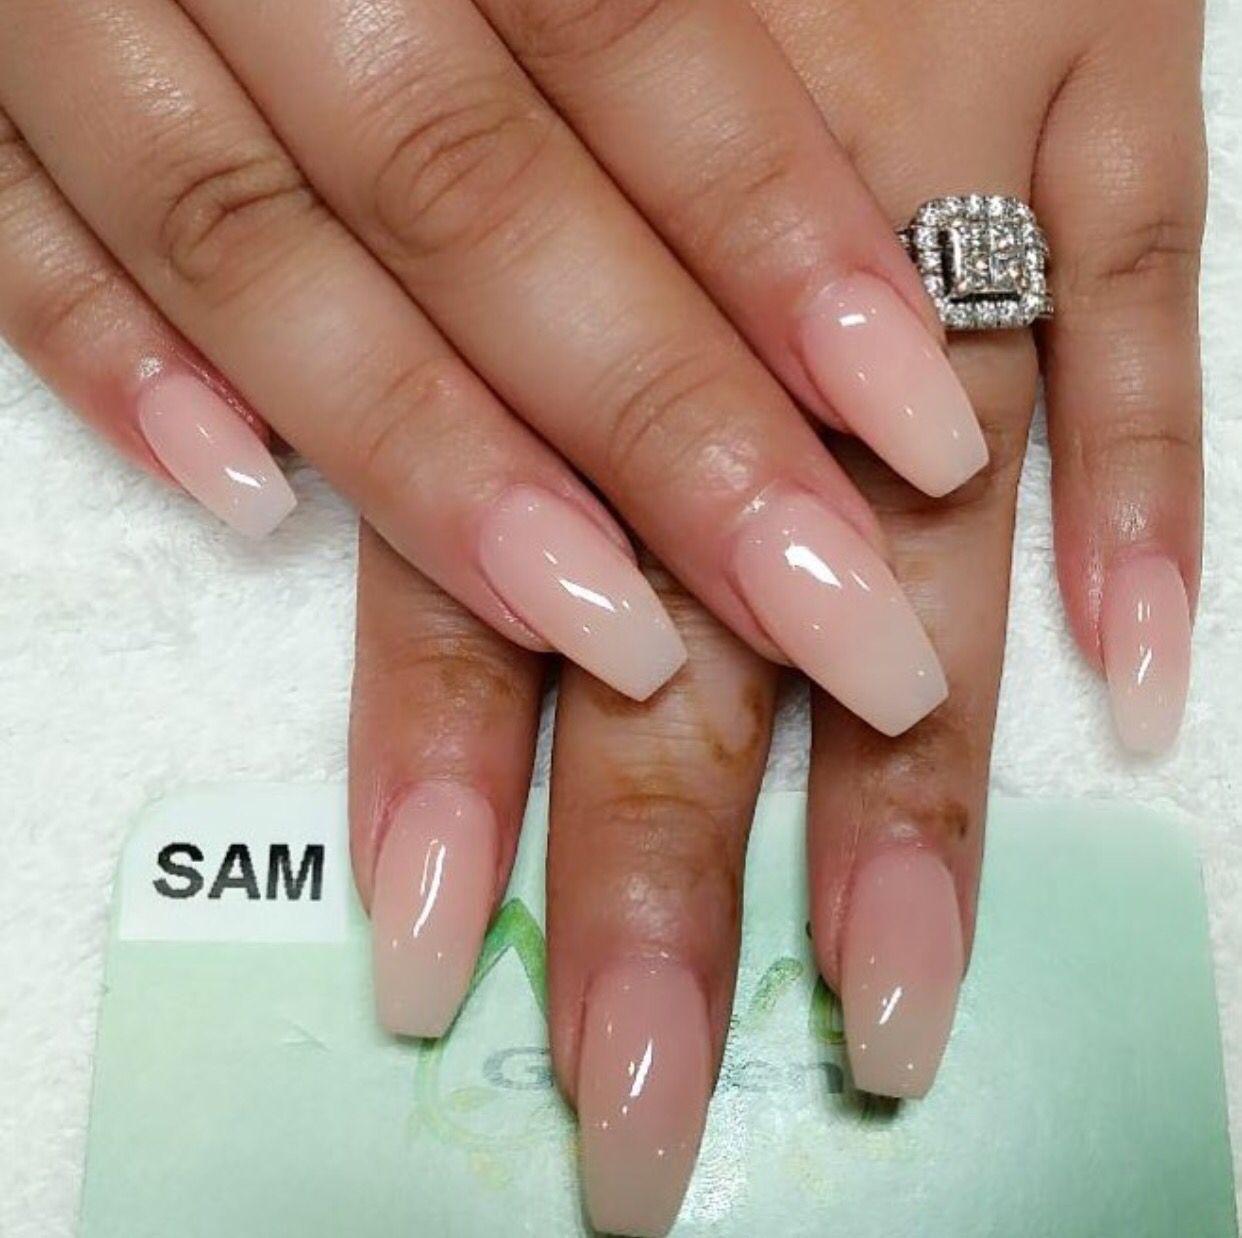 Pin by prabhleen kaur on Nails Natural acrylic nails